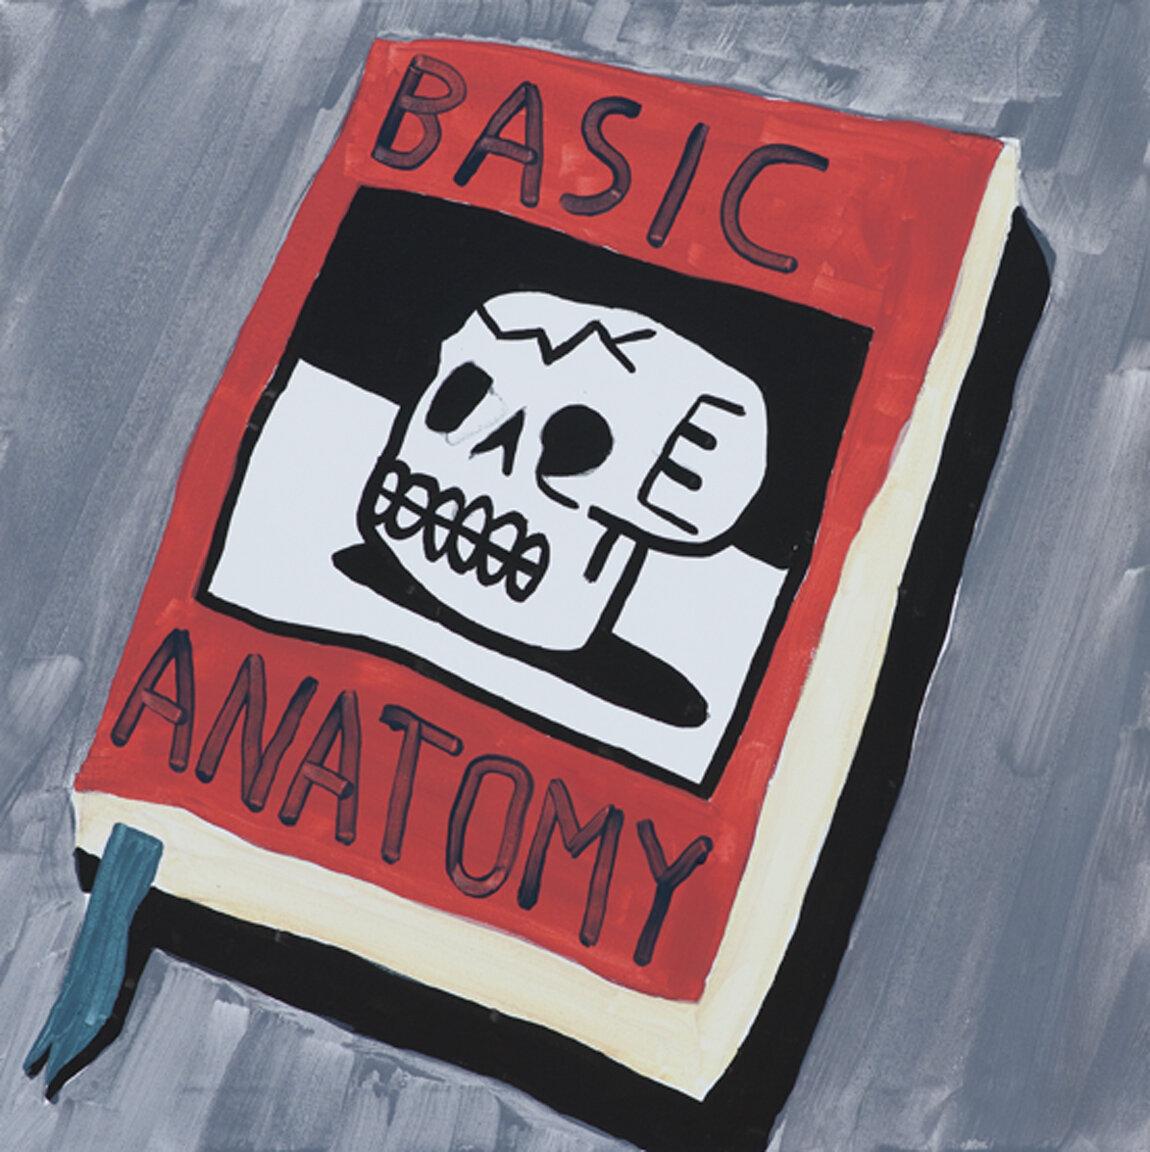 basic anatomy, 2017, acrylic on canvas, 70 x 70 cm